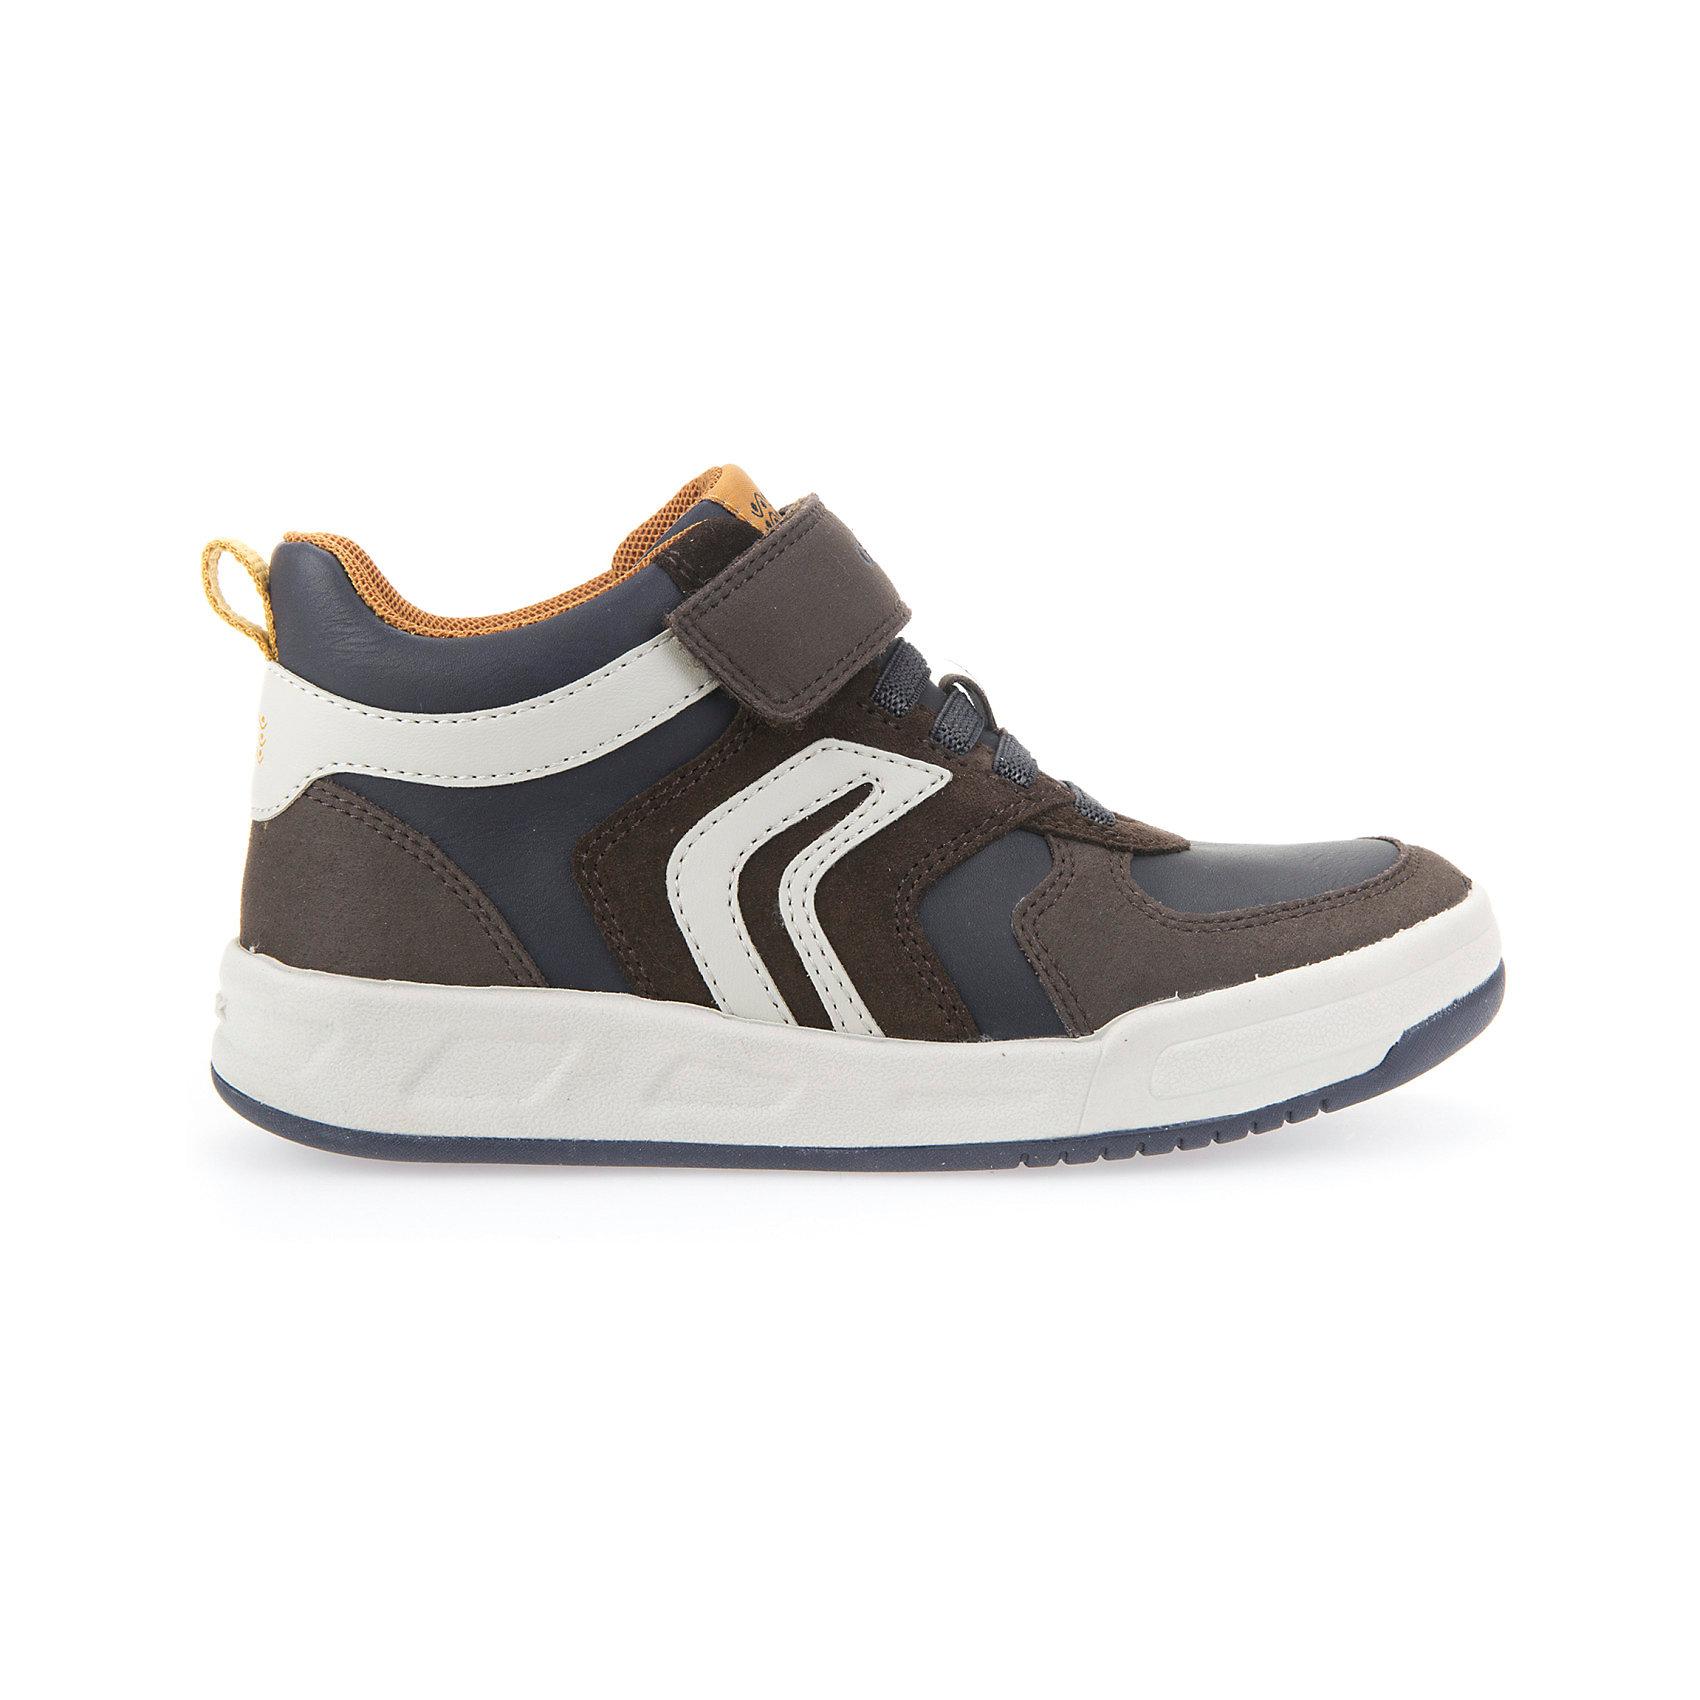 Кроссовки для мальчика GEOXСтильные кроссовки для мальчика от знаменитого итальянского бренда взрослой и детской одежды и обуви GEOX (Геокс). Кроссовки представлены в приятном темно-бежевом цвете, который отлично сочетается с синими деталями и белой подошвой. Легкие кроссовки имеют все необходимое для удобства и комфорта ребенка в течение всего дня. Разработанная технология подошвы кроссовок не позволяет им скользить, отлично амортизирует шаги и позволяет стопе дышать. Мягкая подошва отлично гнется, обеспечивая безопасность шагов, поддерживая стопу и оставляя свободу движения. Эргономичная кожаная антибактериальная стелька и задник фиксируют голеностоп и удобны в носке. Внутренний материал позволяет легко надевать и снимать кроссовки. <br>Дополнительная информация:<br>- Состав:<br>верх:  70% синтетика,30 % натуральная кожа<br>подкладка:  текстиль <br>стелька: натуральная кожа <br>подошва: резина<br>Кроссовки для мальчика GEOX (Геокс) можно купить в нашем магазине.<br>Подробнее:<br>• Для детей в возрасте: от 6 до 12 лет<br>• Номер товара: 5007872<br>Страна производитель: Индонезия<br><br>Ширина мм: 250<br>Глубина мм: 150<br>Высота мм: 150<br>Вес г: 250<br>Цвет: коричневый<br>Возраст от месяцев: 120<br>Возраст до месяцев: 132<br>Пол: Мужской<br>Возраст: Детский<br>Размер: 34,32,30,31,29,28,27,33,38,37,36,35<br>SKU: 5007872